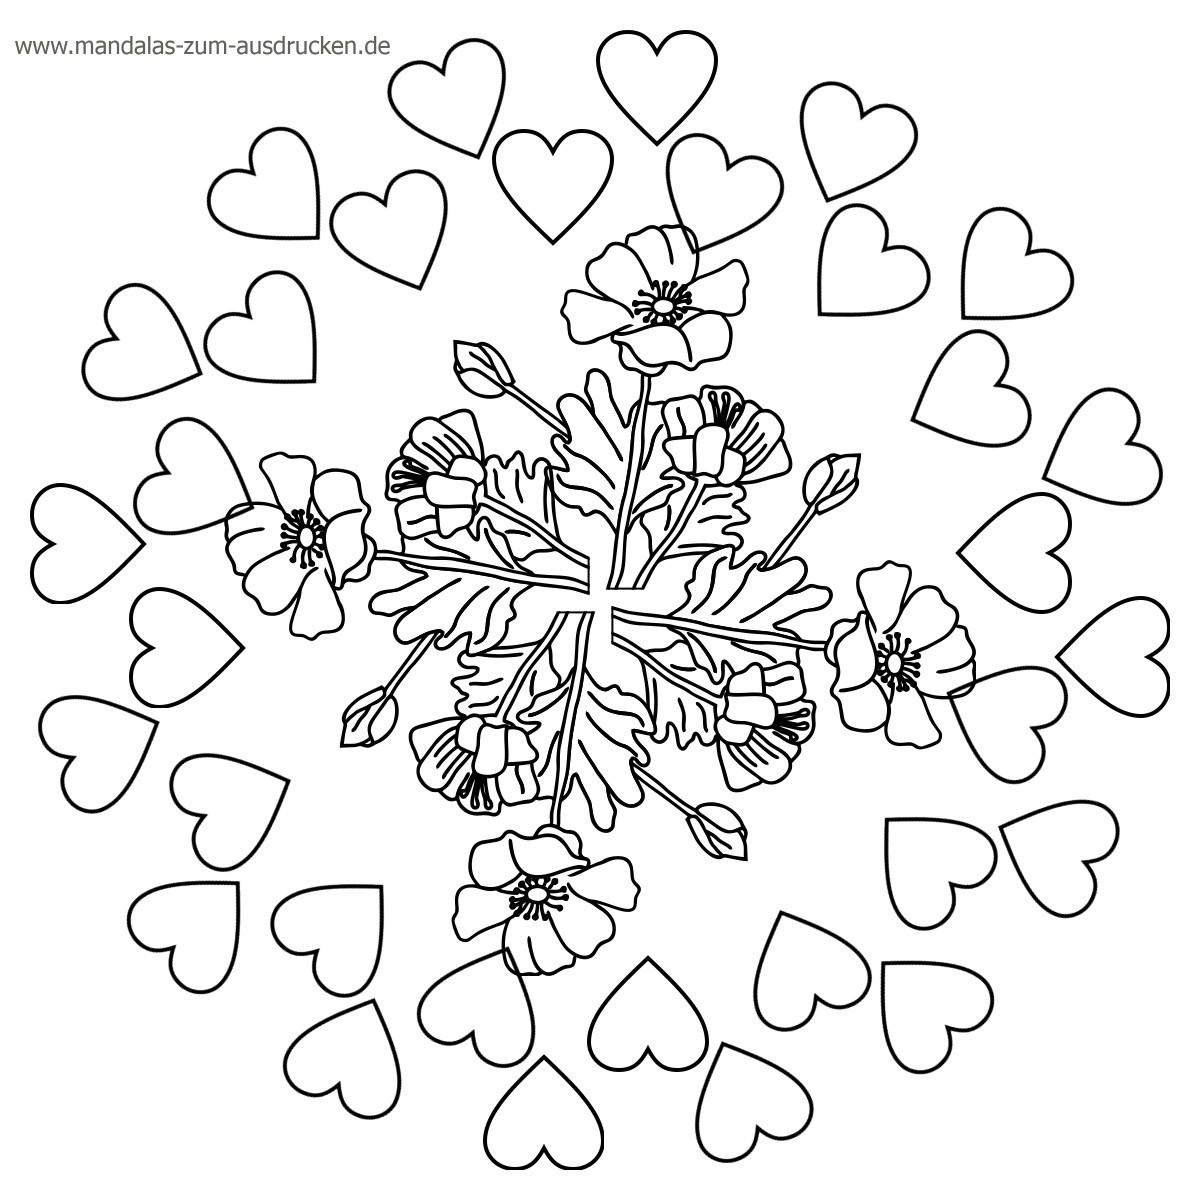 Herz Mandalas Zum Ausmalen Frisch Druckbare Malvorlage Ausmalbilder Mandala Beste Druckbare Das Bild